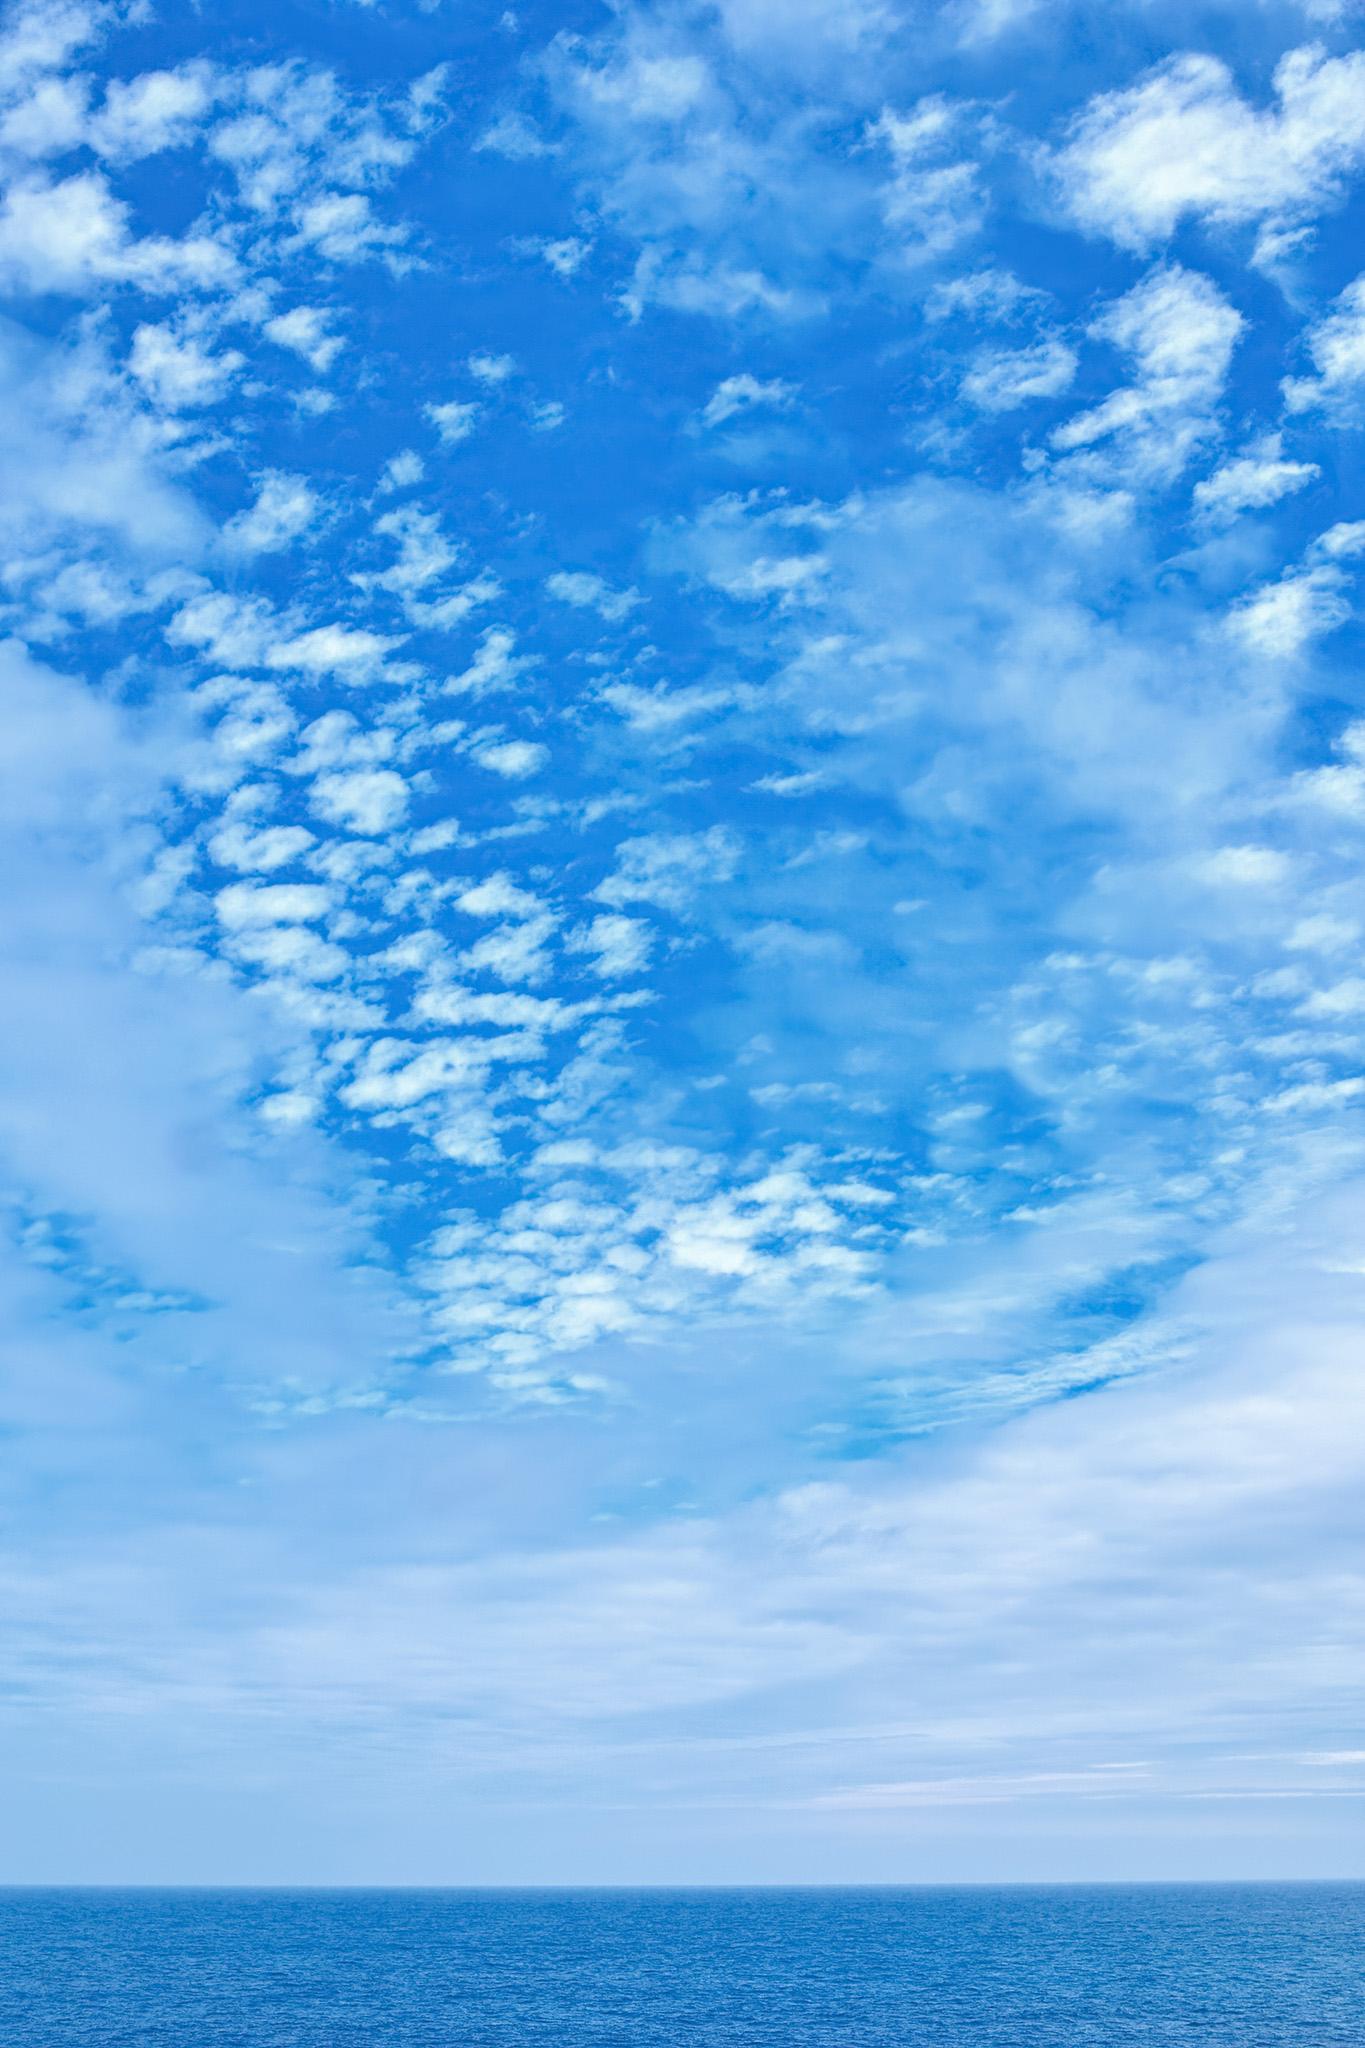 「雲が散らばる青空と青い海」